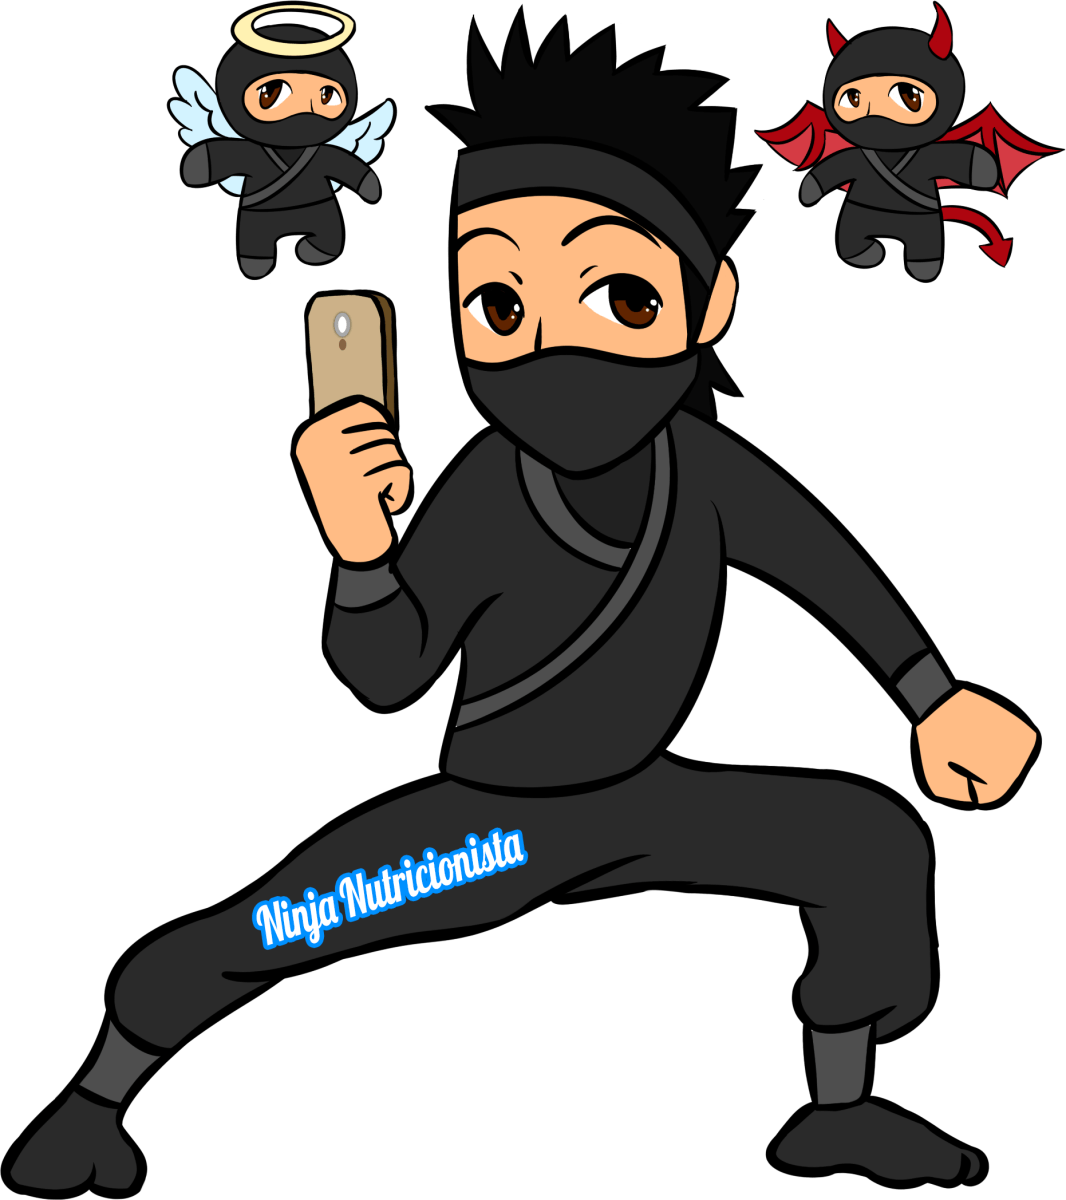 Diccionario Saludable de Alex Gimenez y el Ninja Nutricionista (letra «A»)